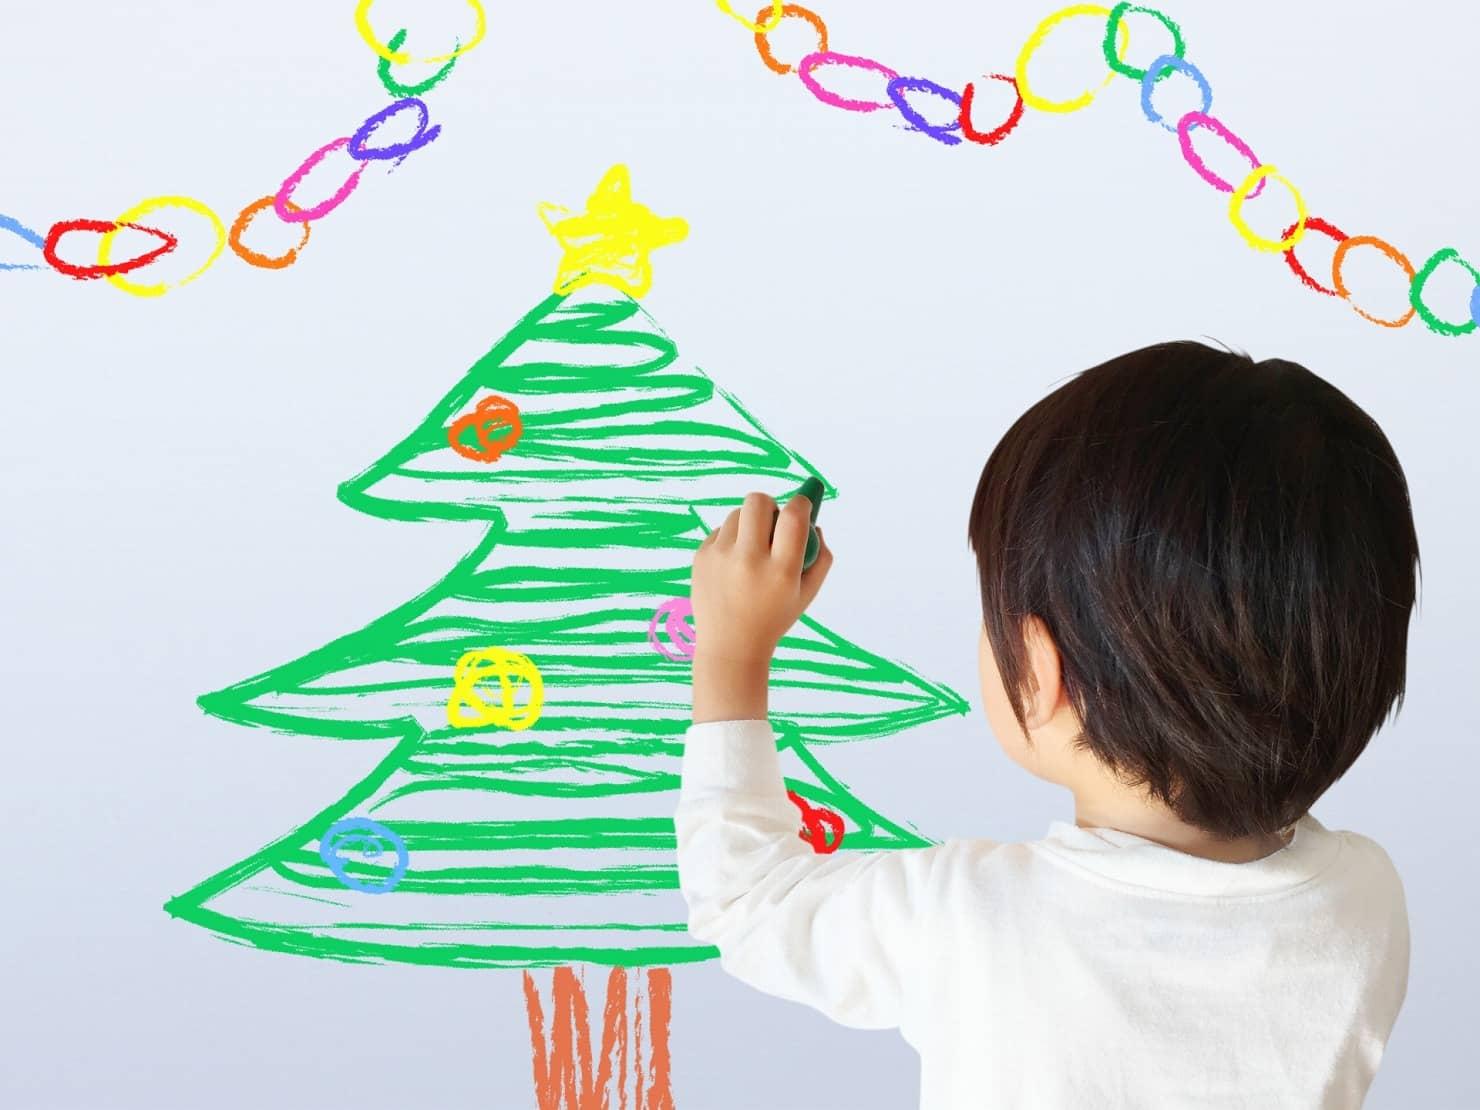 2歳におすすめのクリスマスプレゼント15選【2019年最新版 男の子編】